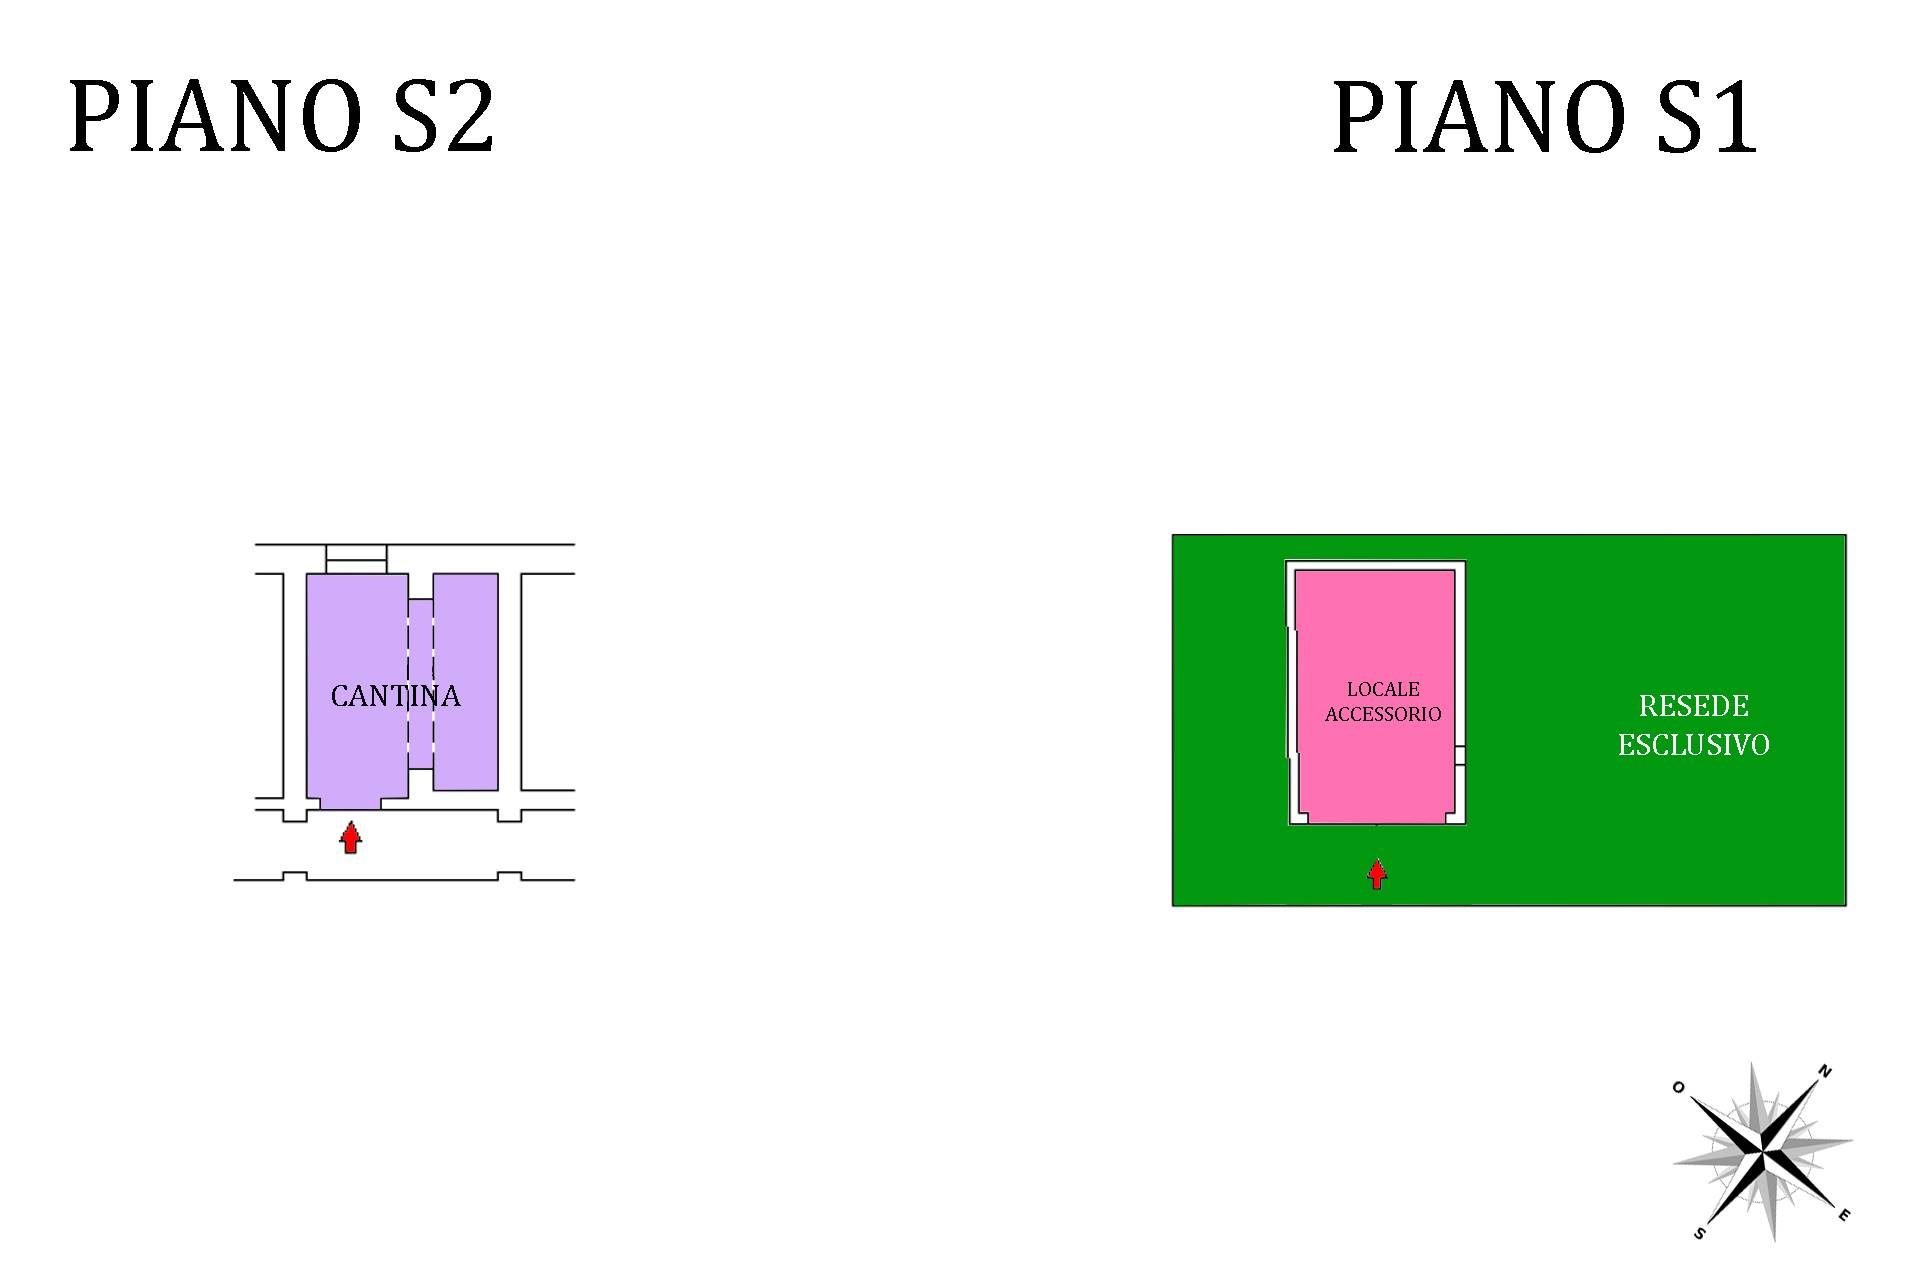 Planimetria cantina, resede e locale accessorio 2D